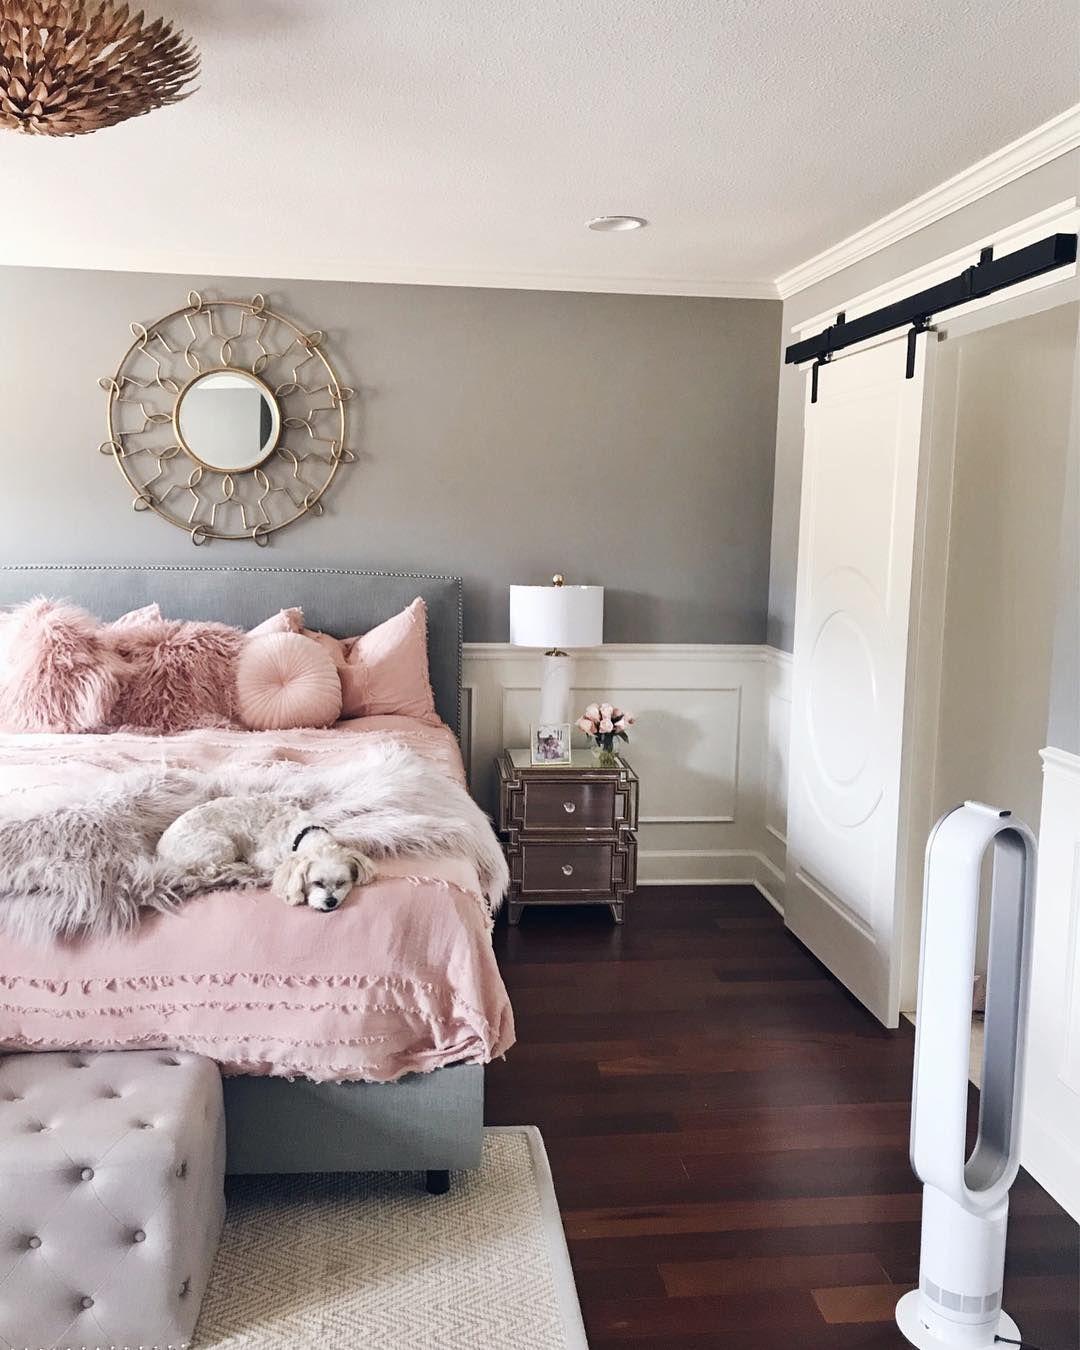 Happily habitaciones rooms decoracion recamara for Decoracion de casas acogedoras